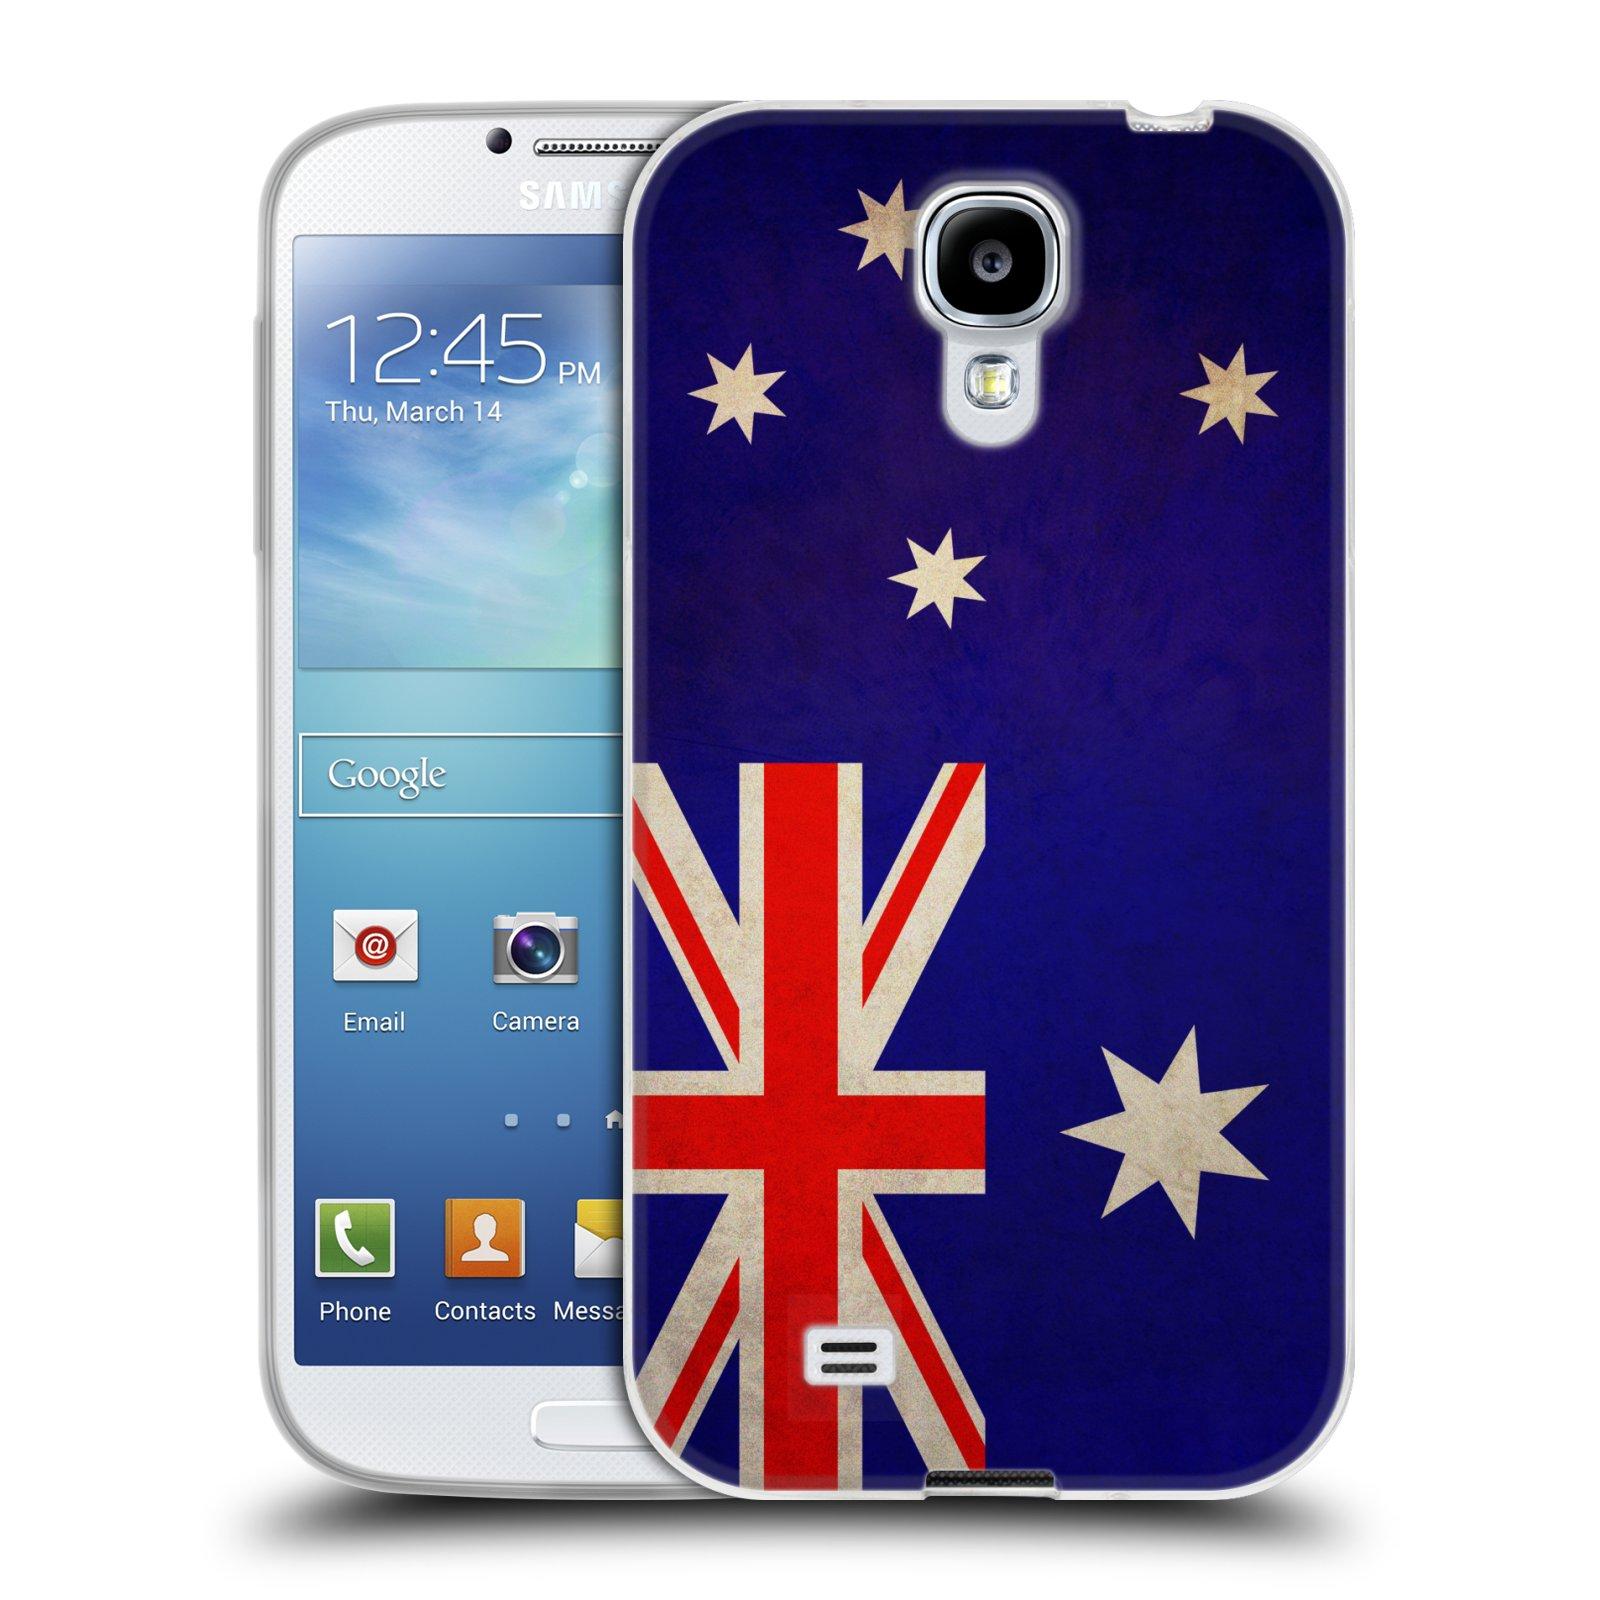 Silikonové pouzdro na mobil Samsung Galaxy S4 HEAD CASE VLAJKA AUSTRÁLIE (Silikonový kryt či obal na mobilní telefon Samsung Galaxy S4 GT-i9505 / i9500)